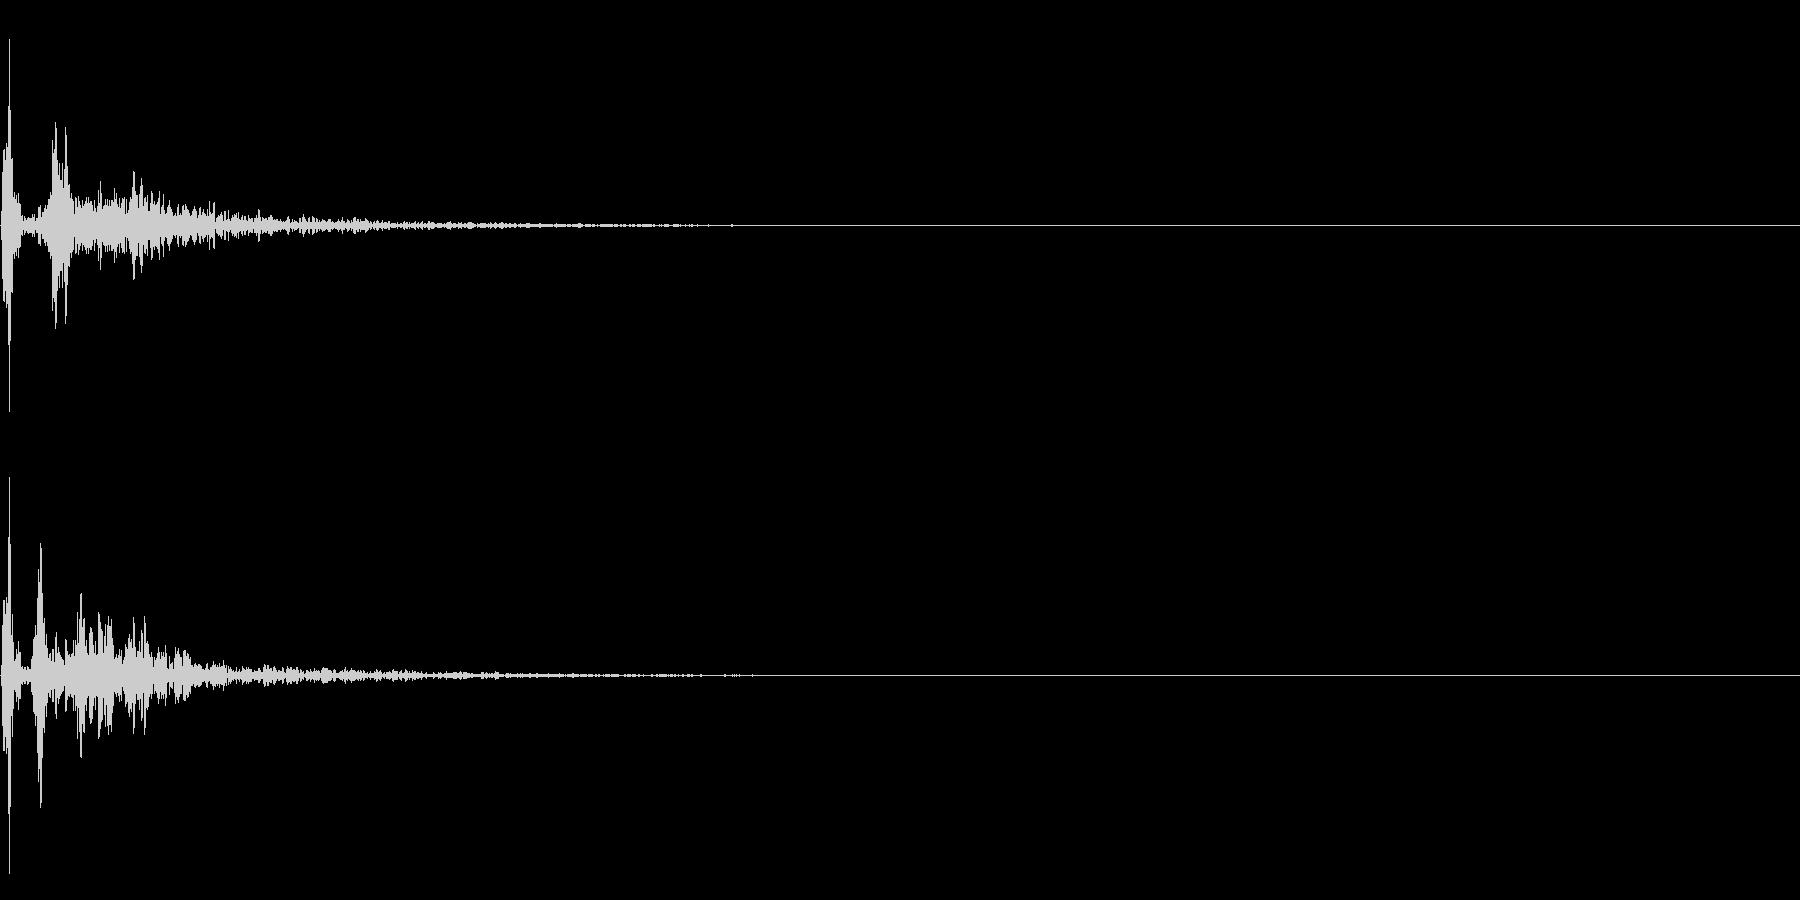 〖テニス〗サーブ、レシーブの効果音!01の未再生の波形